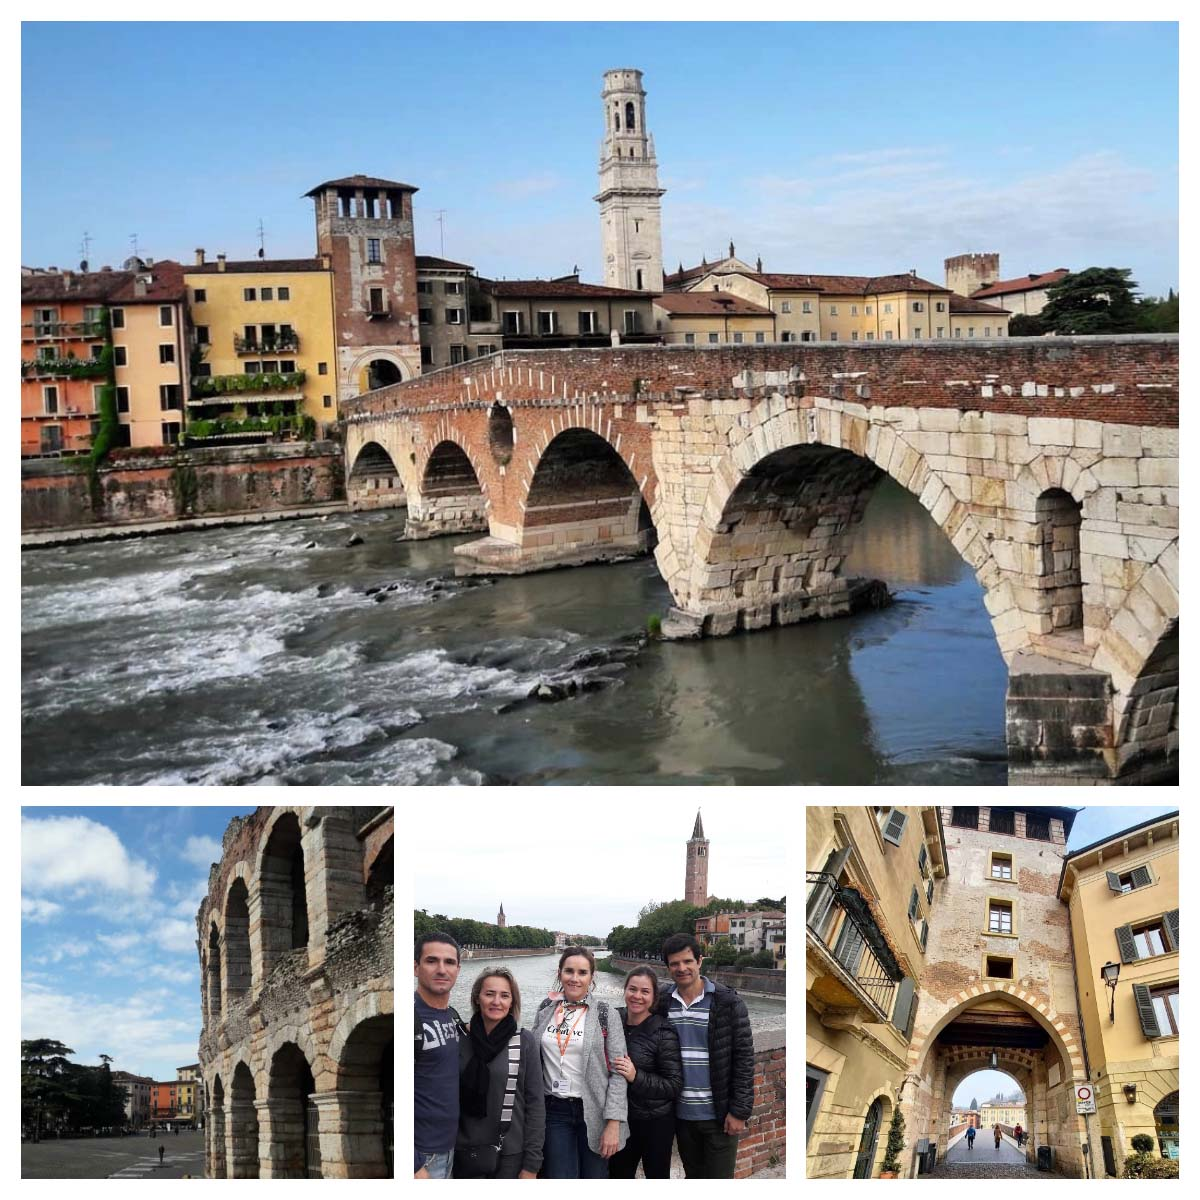 Guia de Turismo em português em Verona